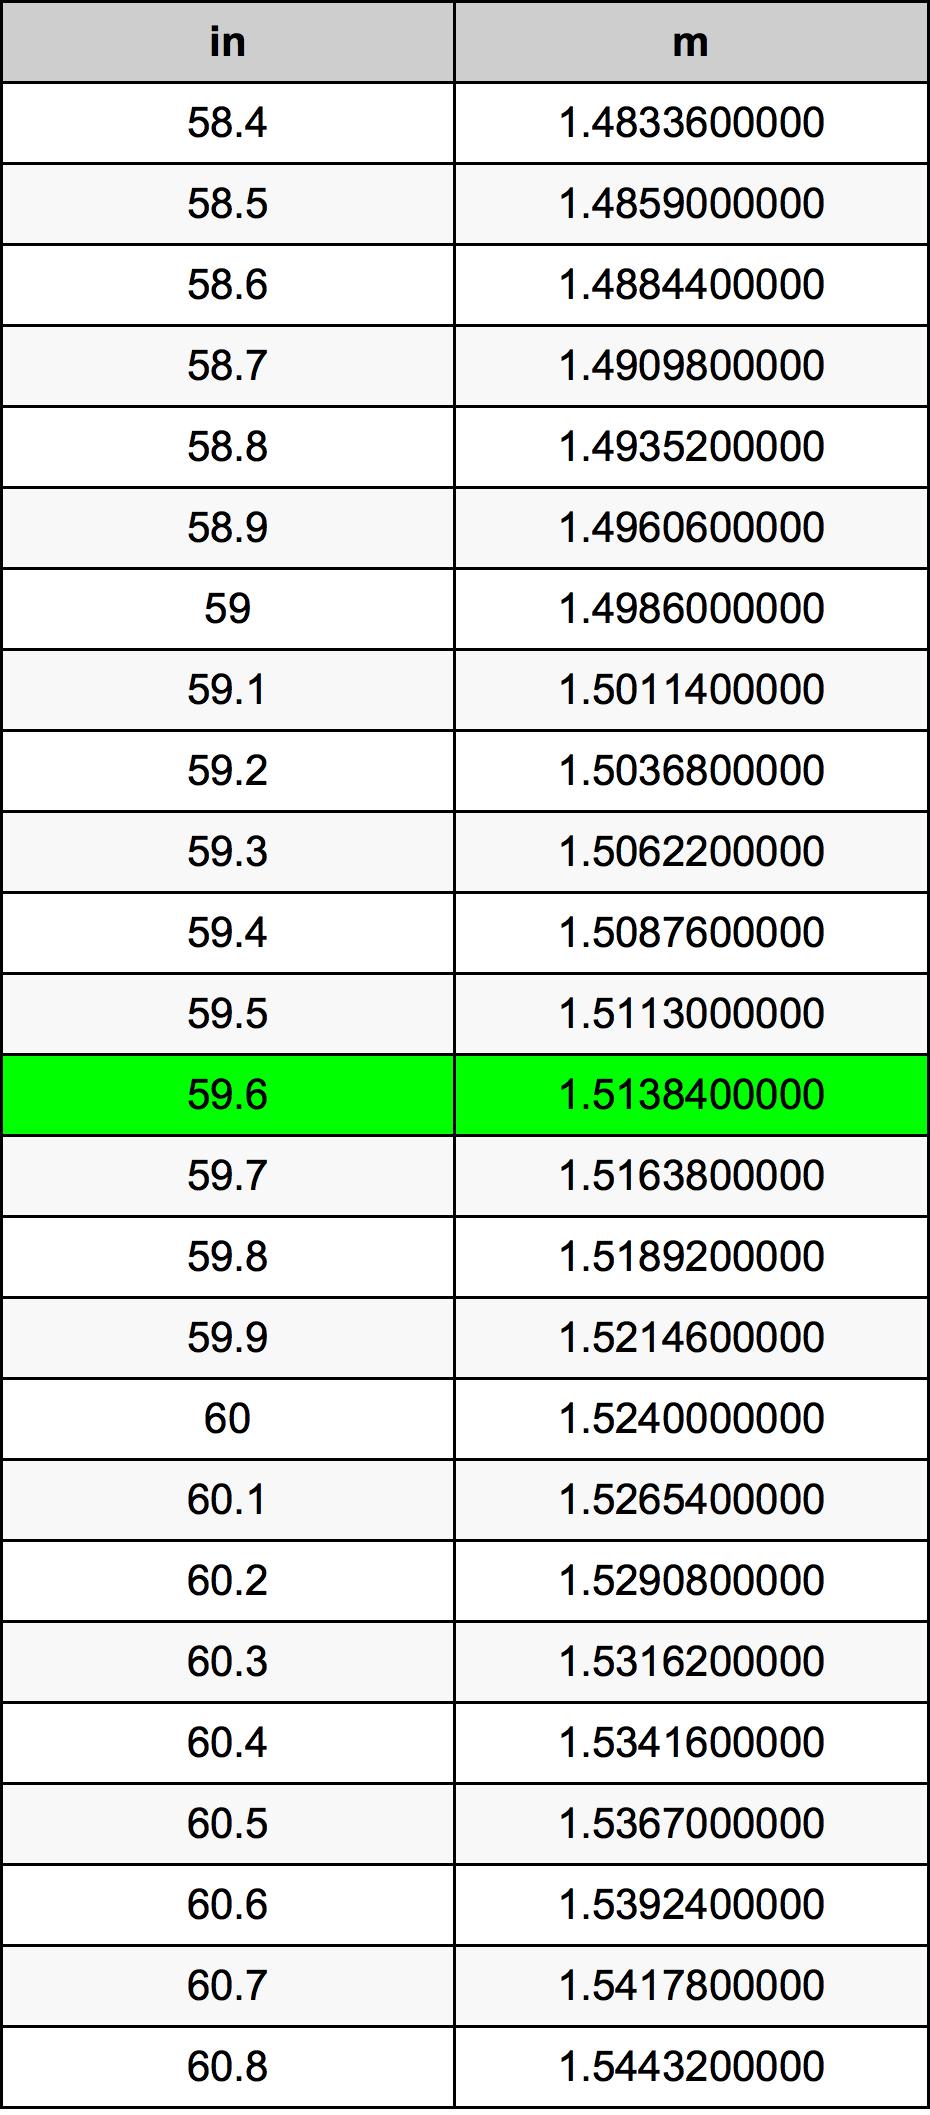 59.6 بوصة جدول تحويل